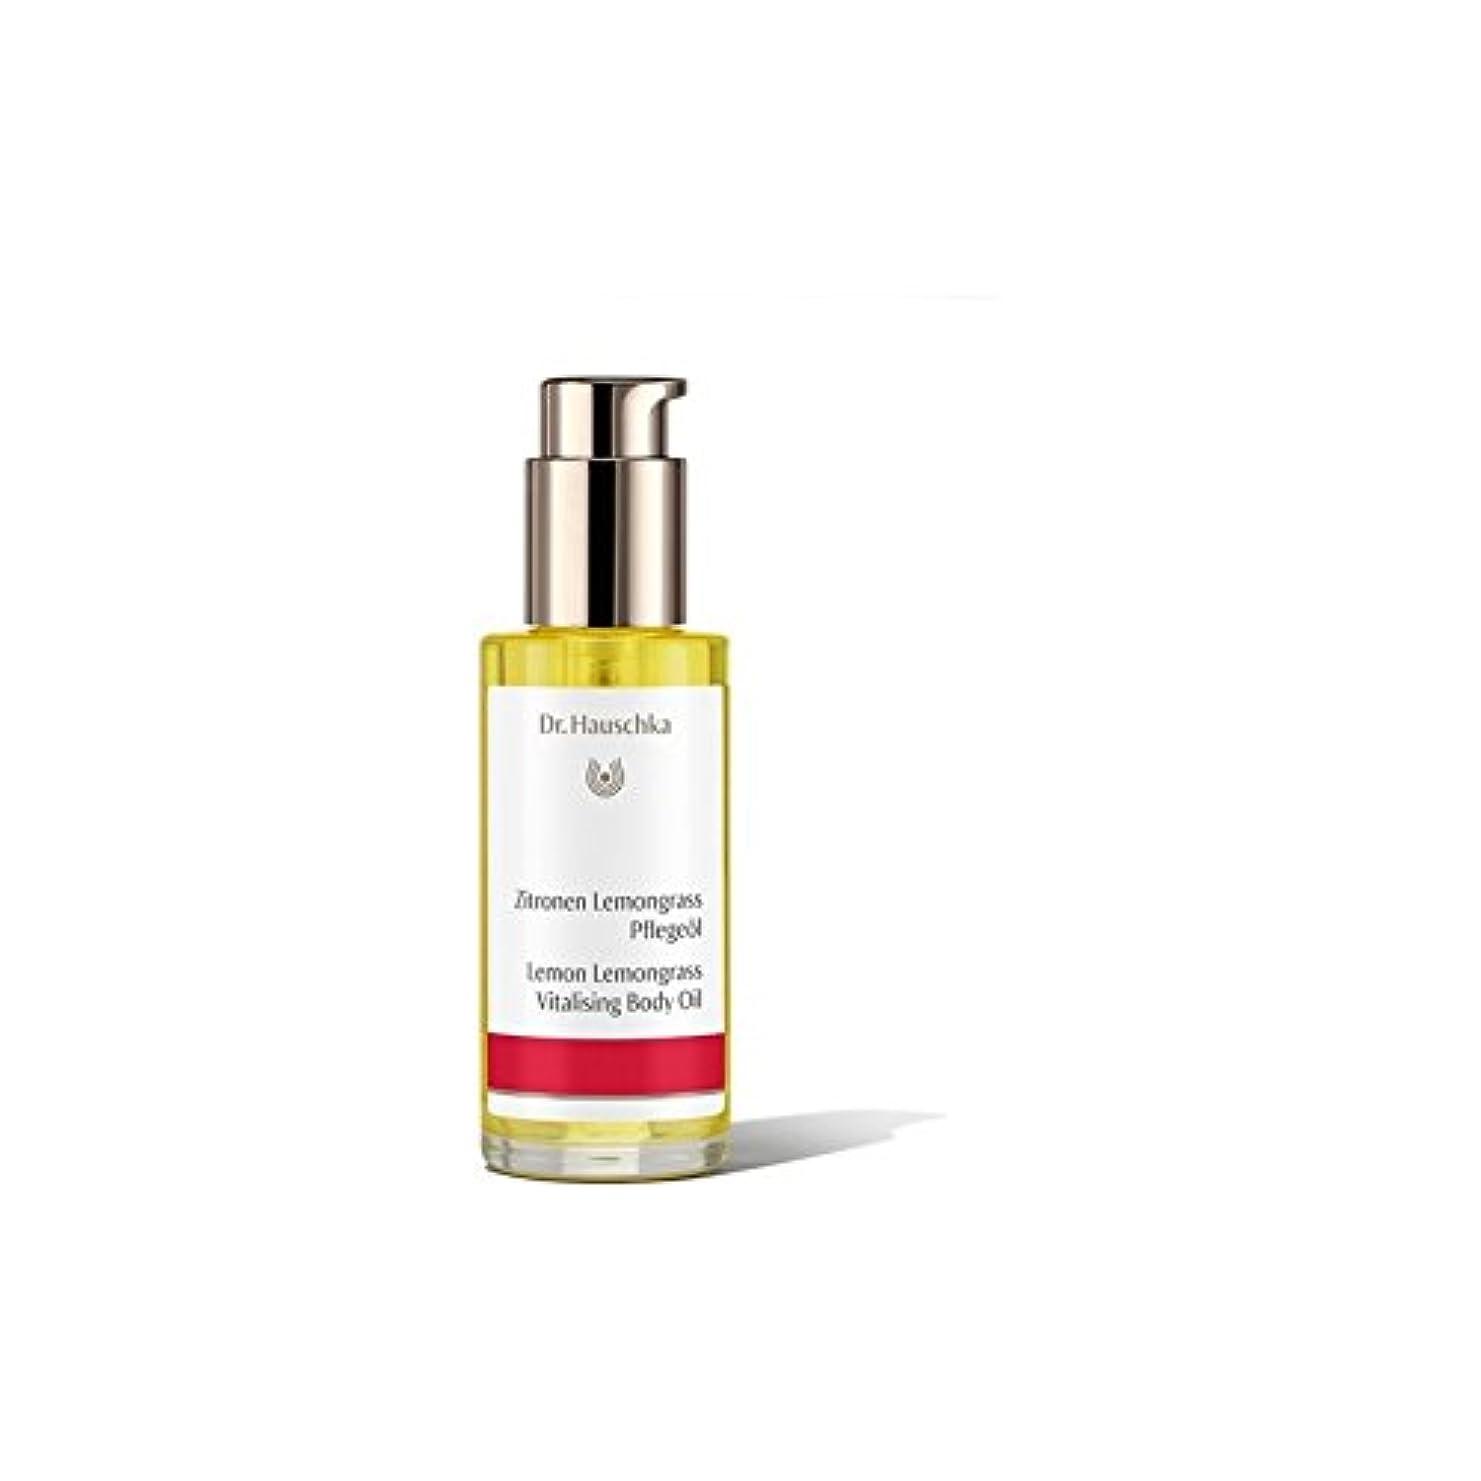 シマウマ誕生ことわざハウシュカレモンレモングラスボディオイル(75ミリリットル) x4 - Dr. Hauschka Lemon Lemongrass Vitalising Body Oil (75ml) (Pack of 4) [並行輸入品]